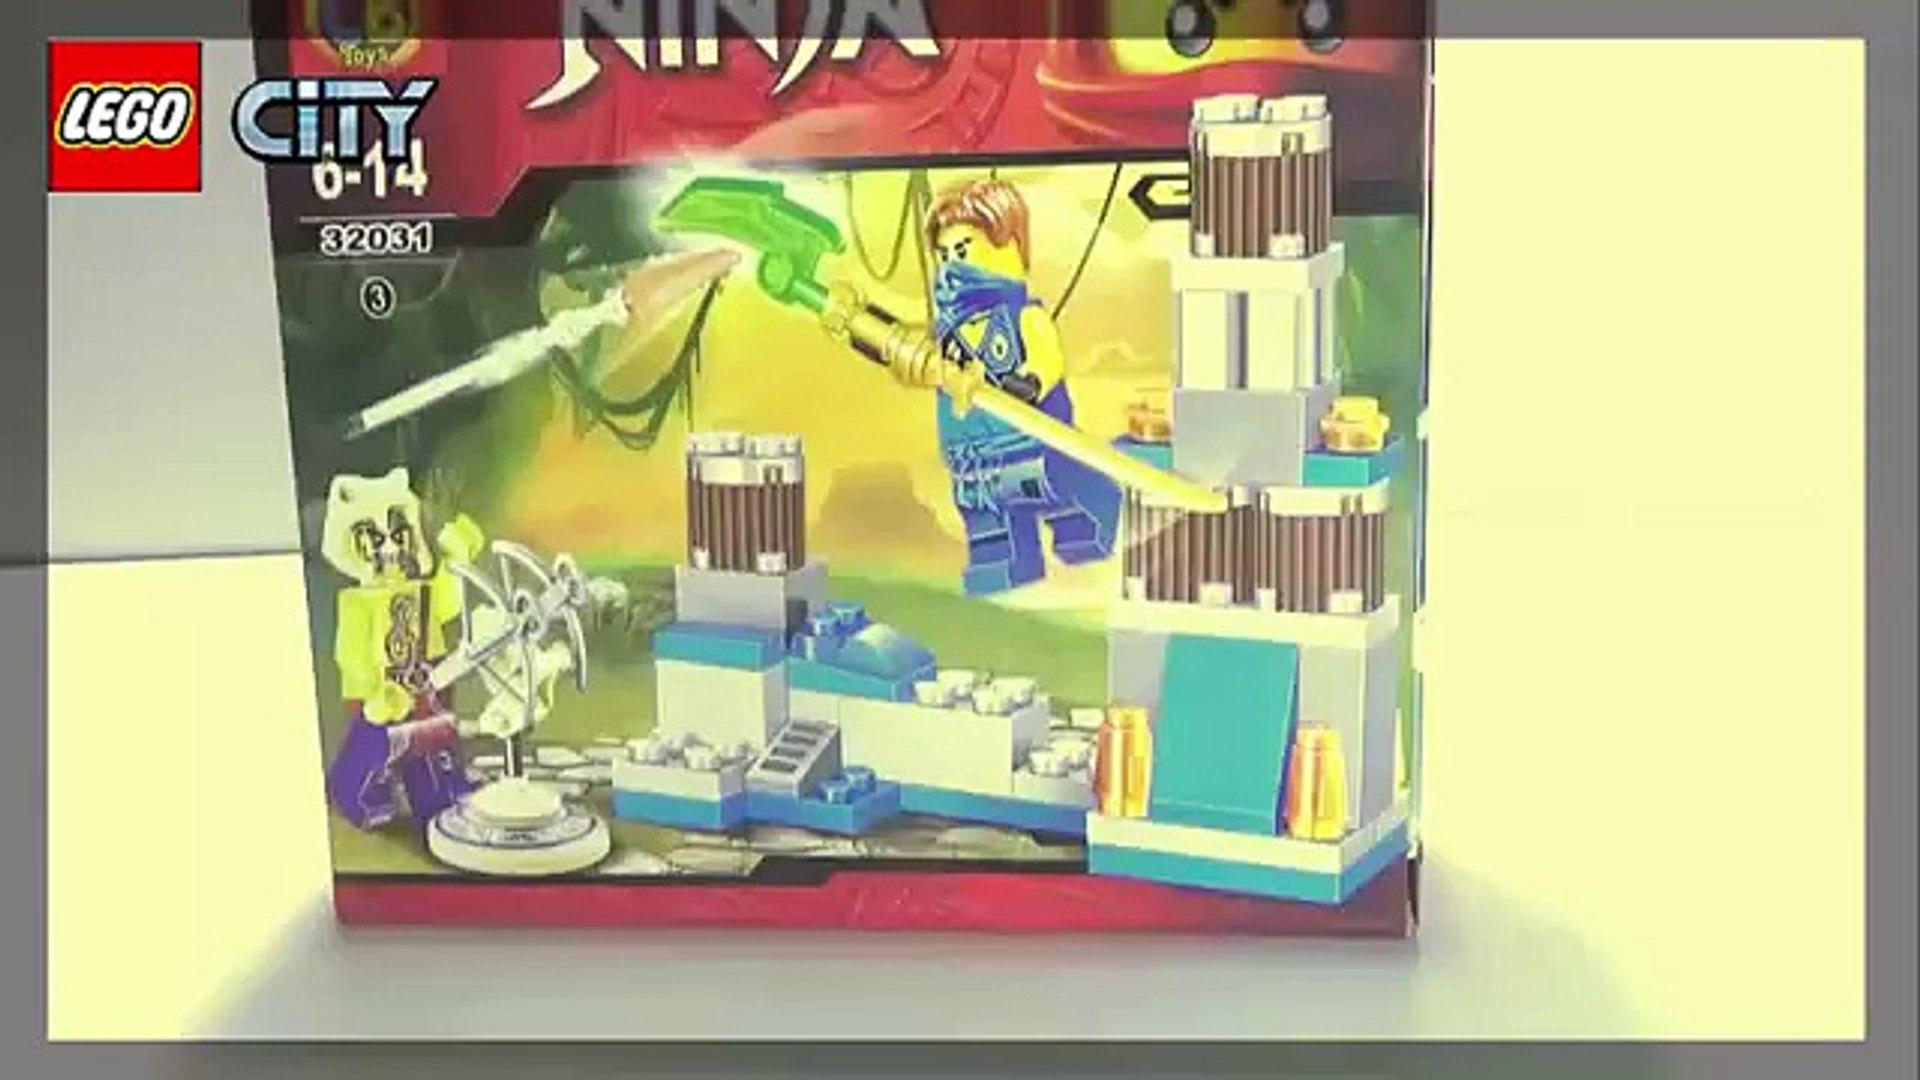 Assembling weapons装配武器Lắp ghép vũ khí chiến đấu Lego Ninja cool weapon